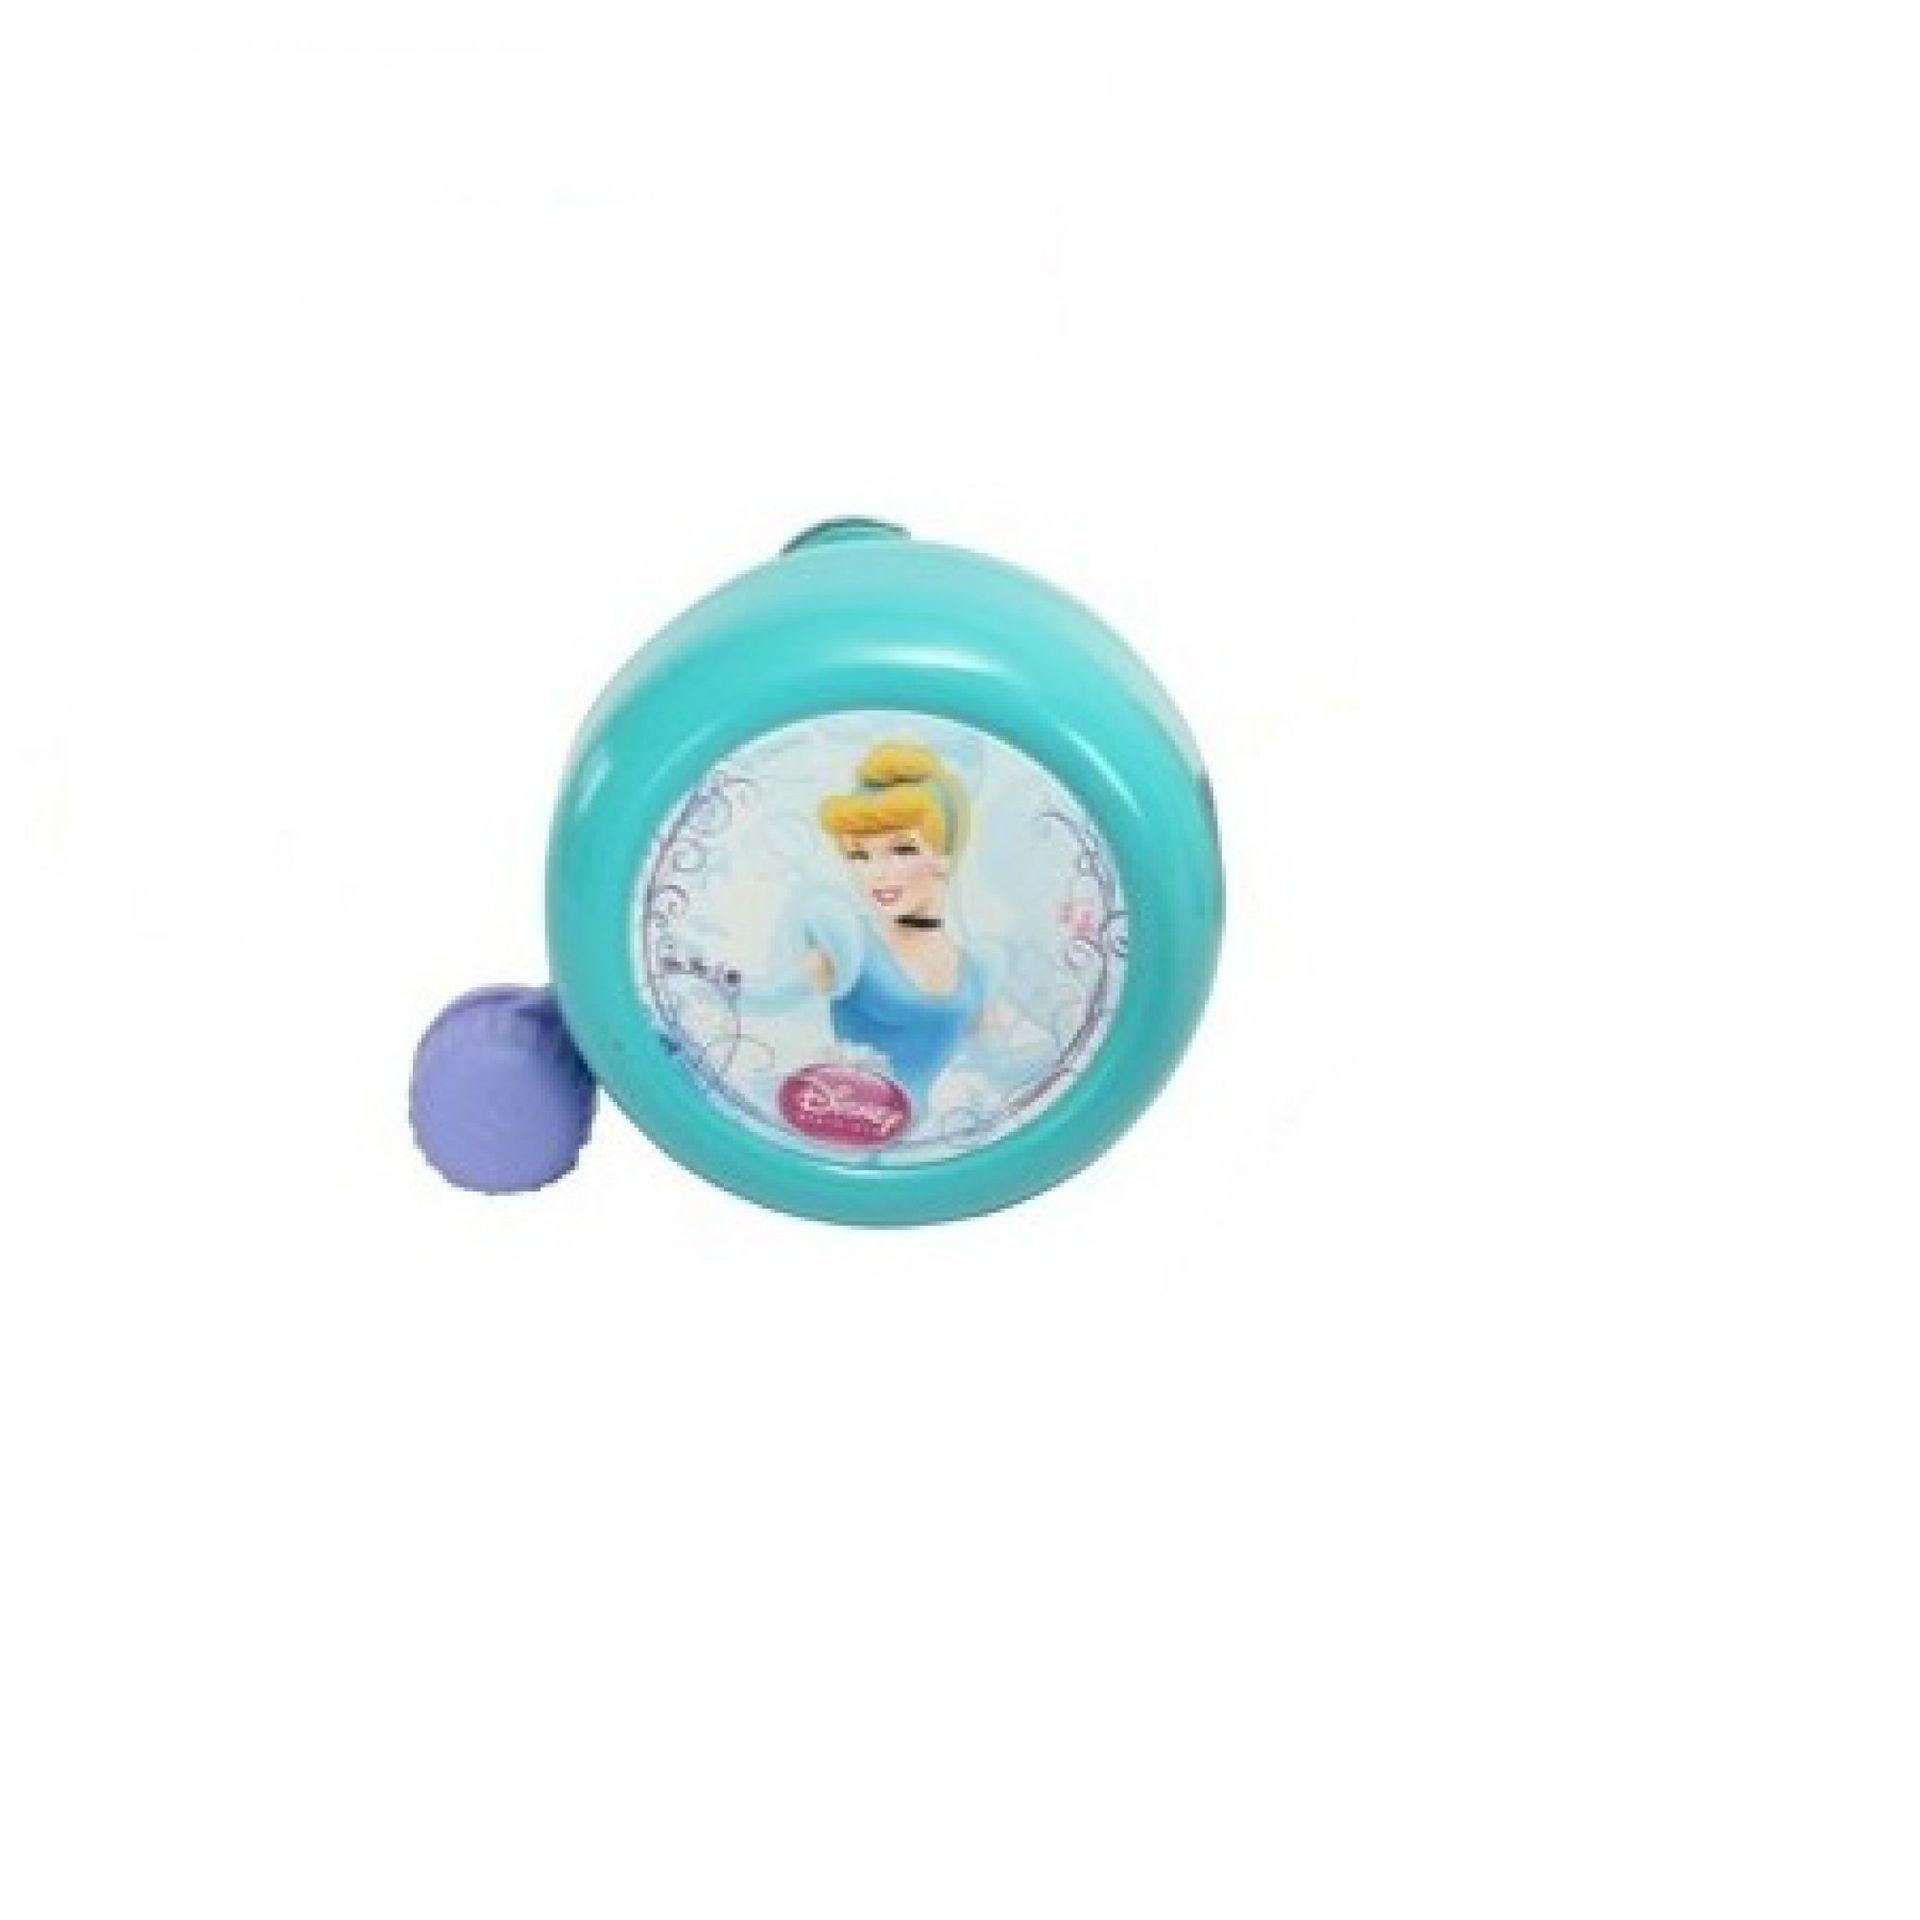 Dzwonek Widek Princess Dream niebieski